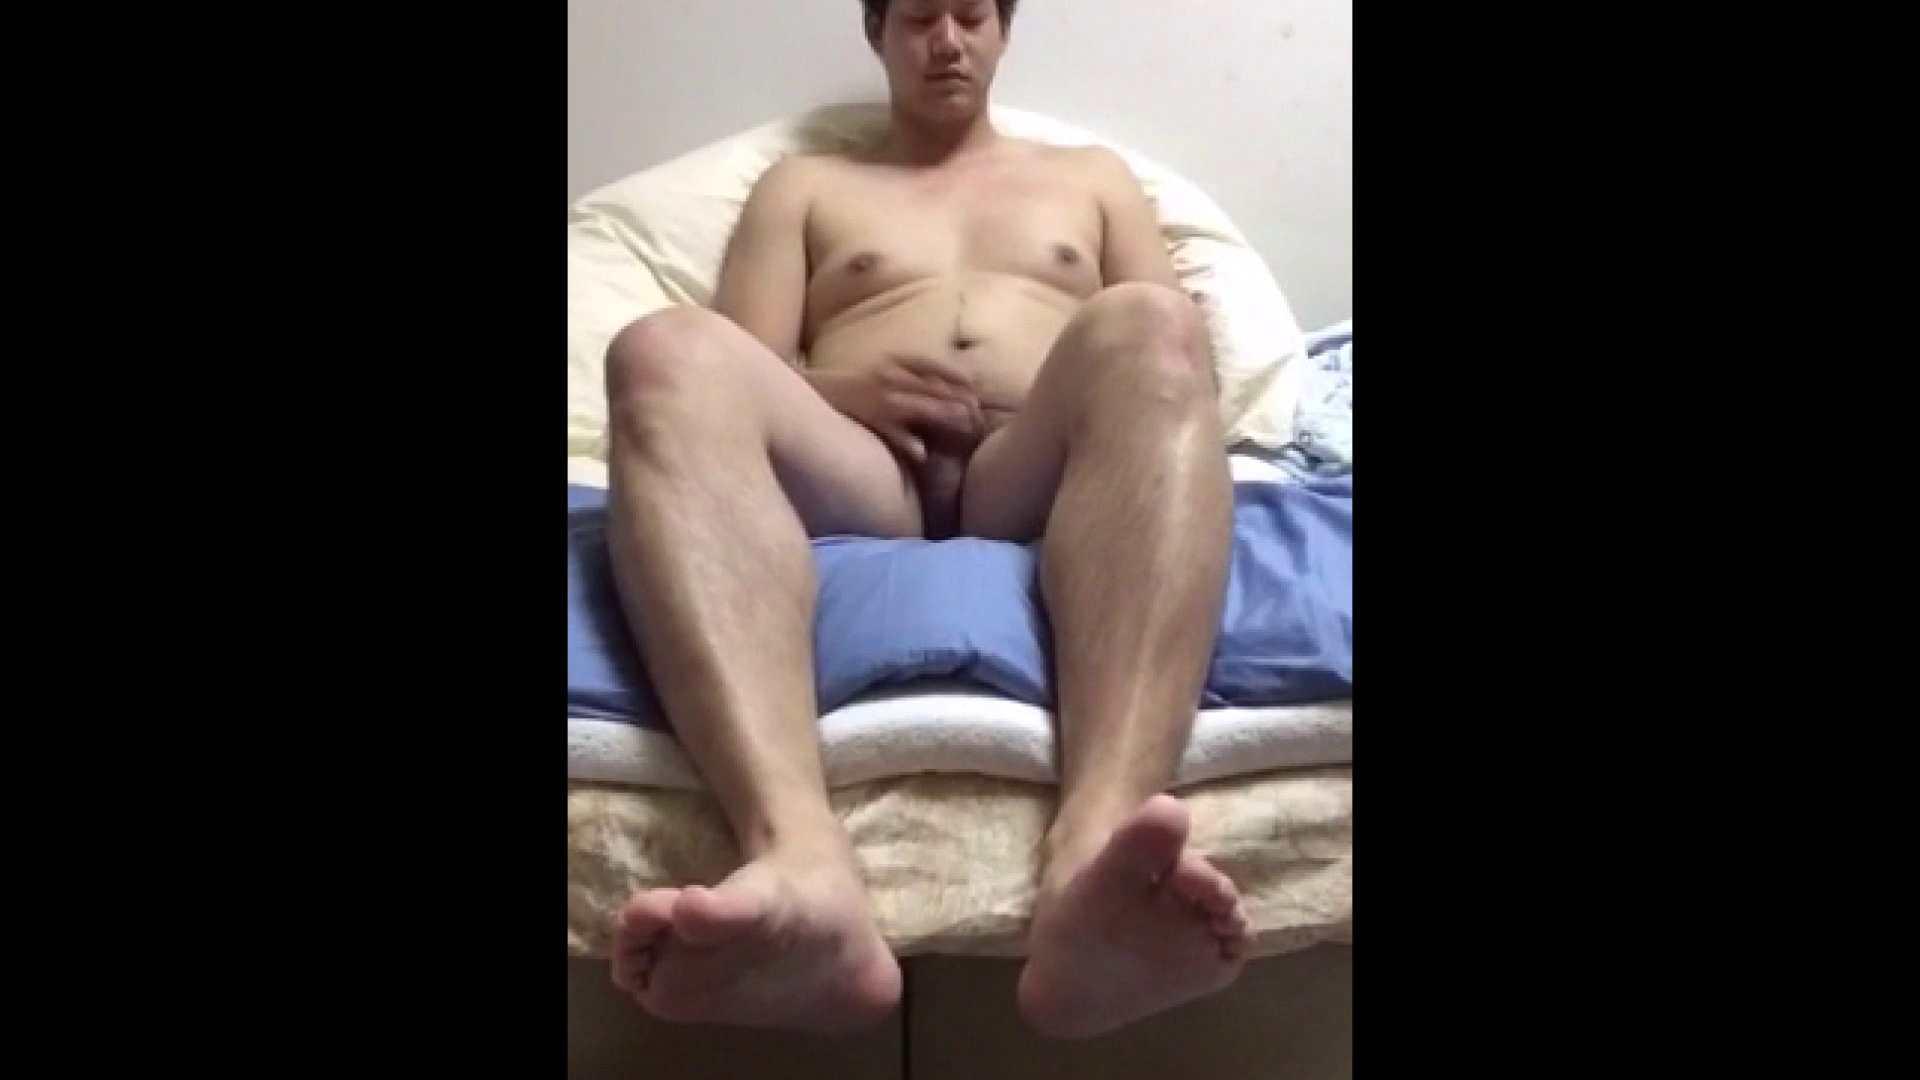 個人撮影 自慰の極意 Vol.18 ゲイの自慰 ゲイ無修正動画画像 52pic 40